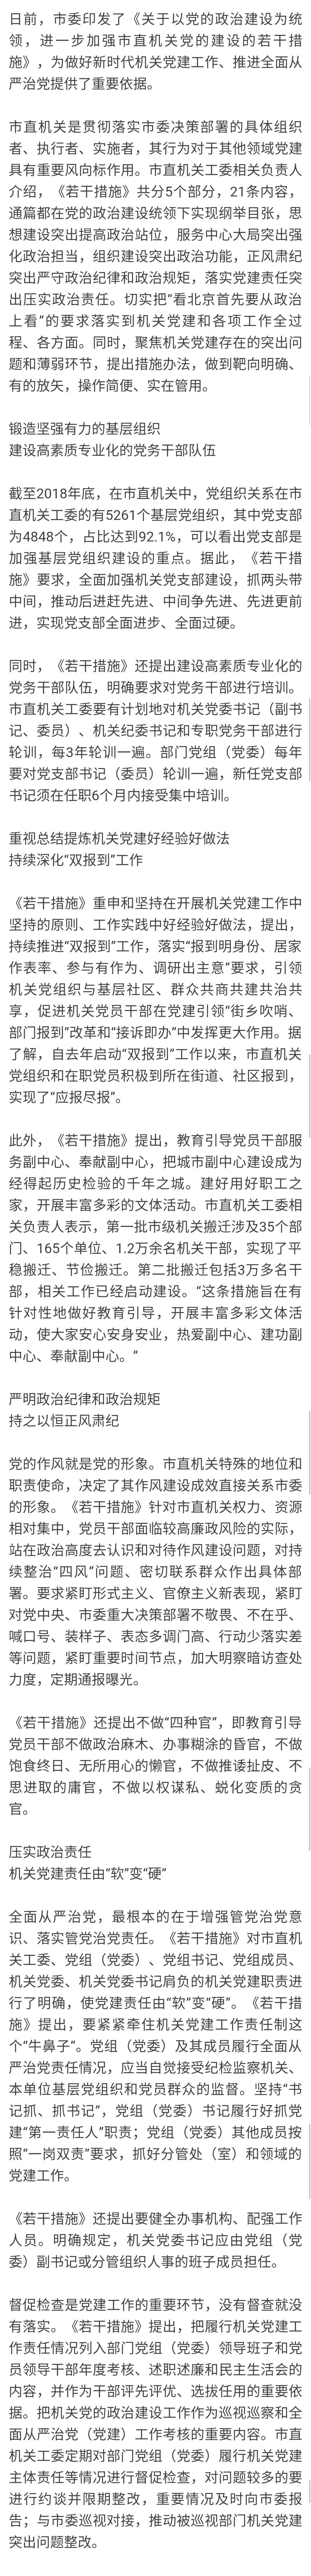 """把""""看北京首先要从政治上看""""的要求 落实到机关党建和各项工作中"""